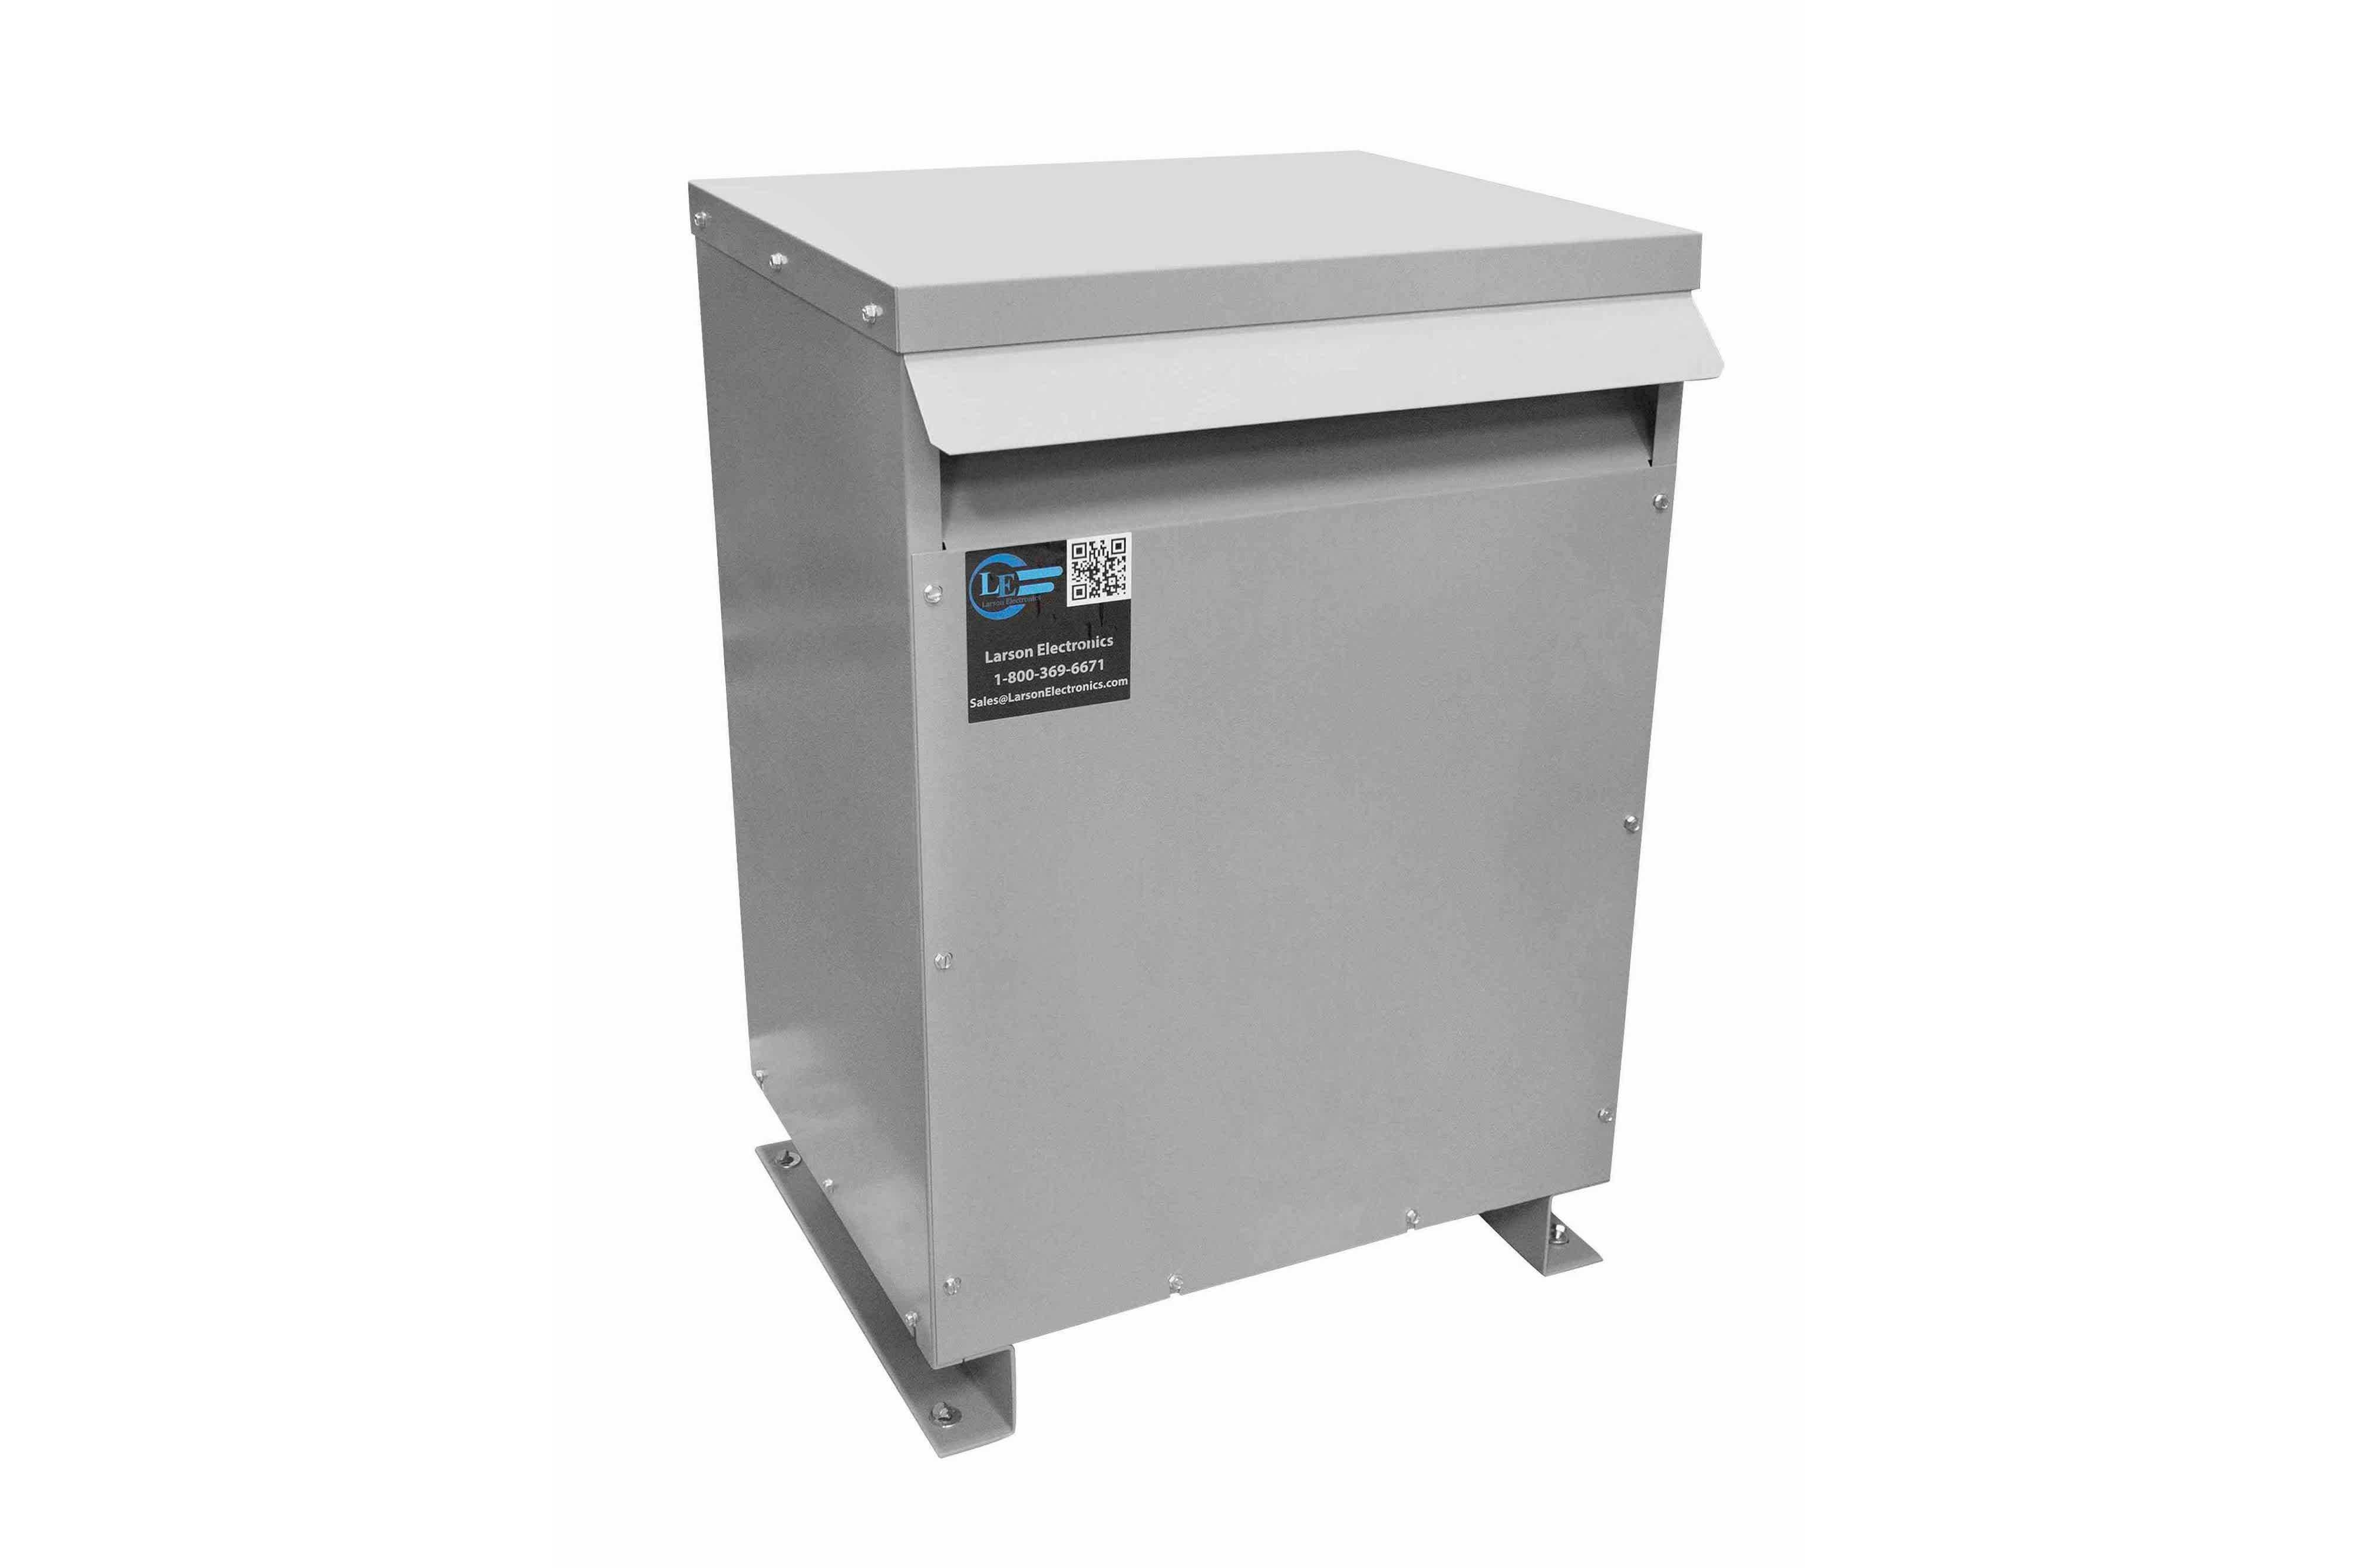 55 kVA 3PH Isolation Transformer, 230V Delta Primary, 480V Delta Secondary, N3R, Ventilated, 60 Hz